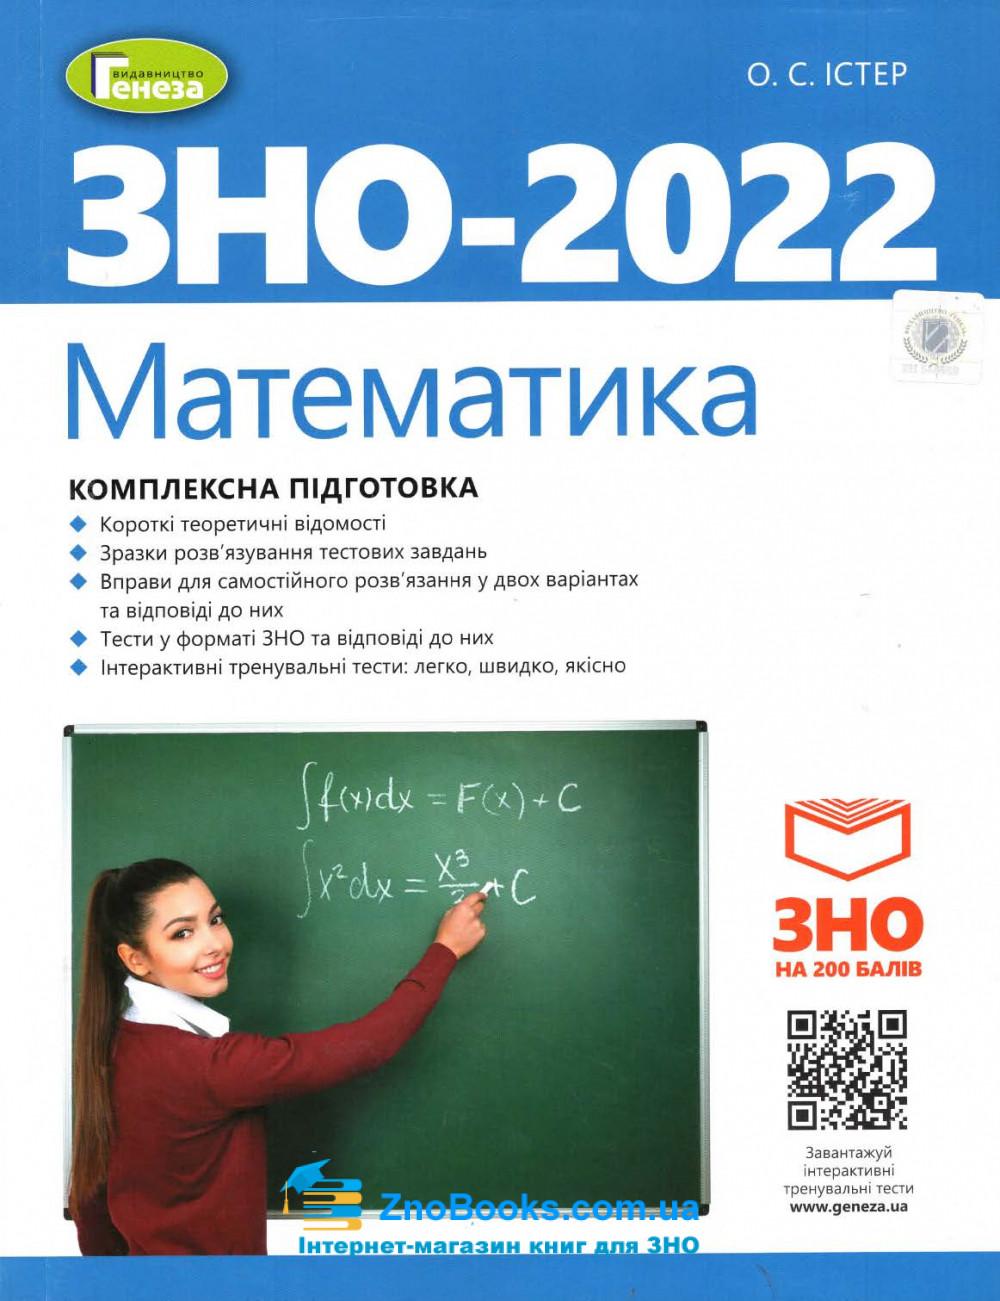 Математика ЗНО 2022. Комплексна підготовка + інтерактивні тести : Істер О. Генеза. купити 0